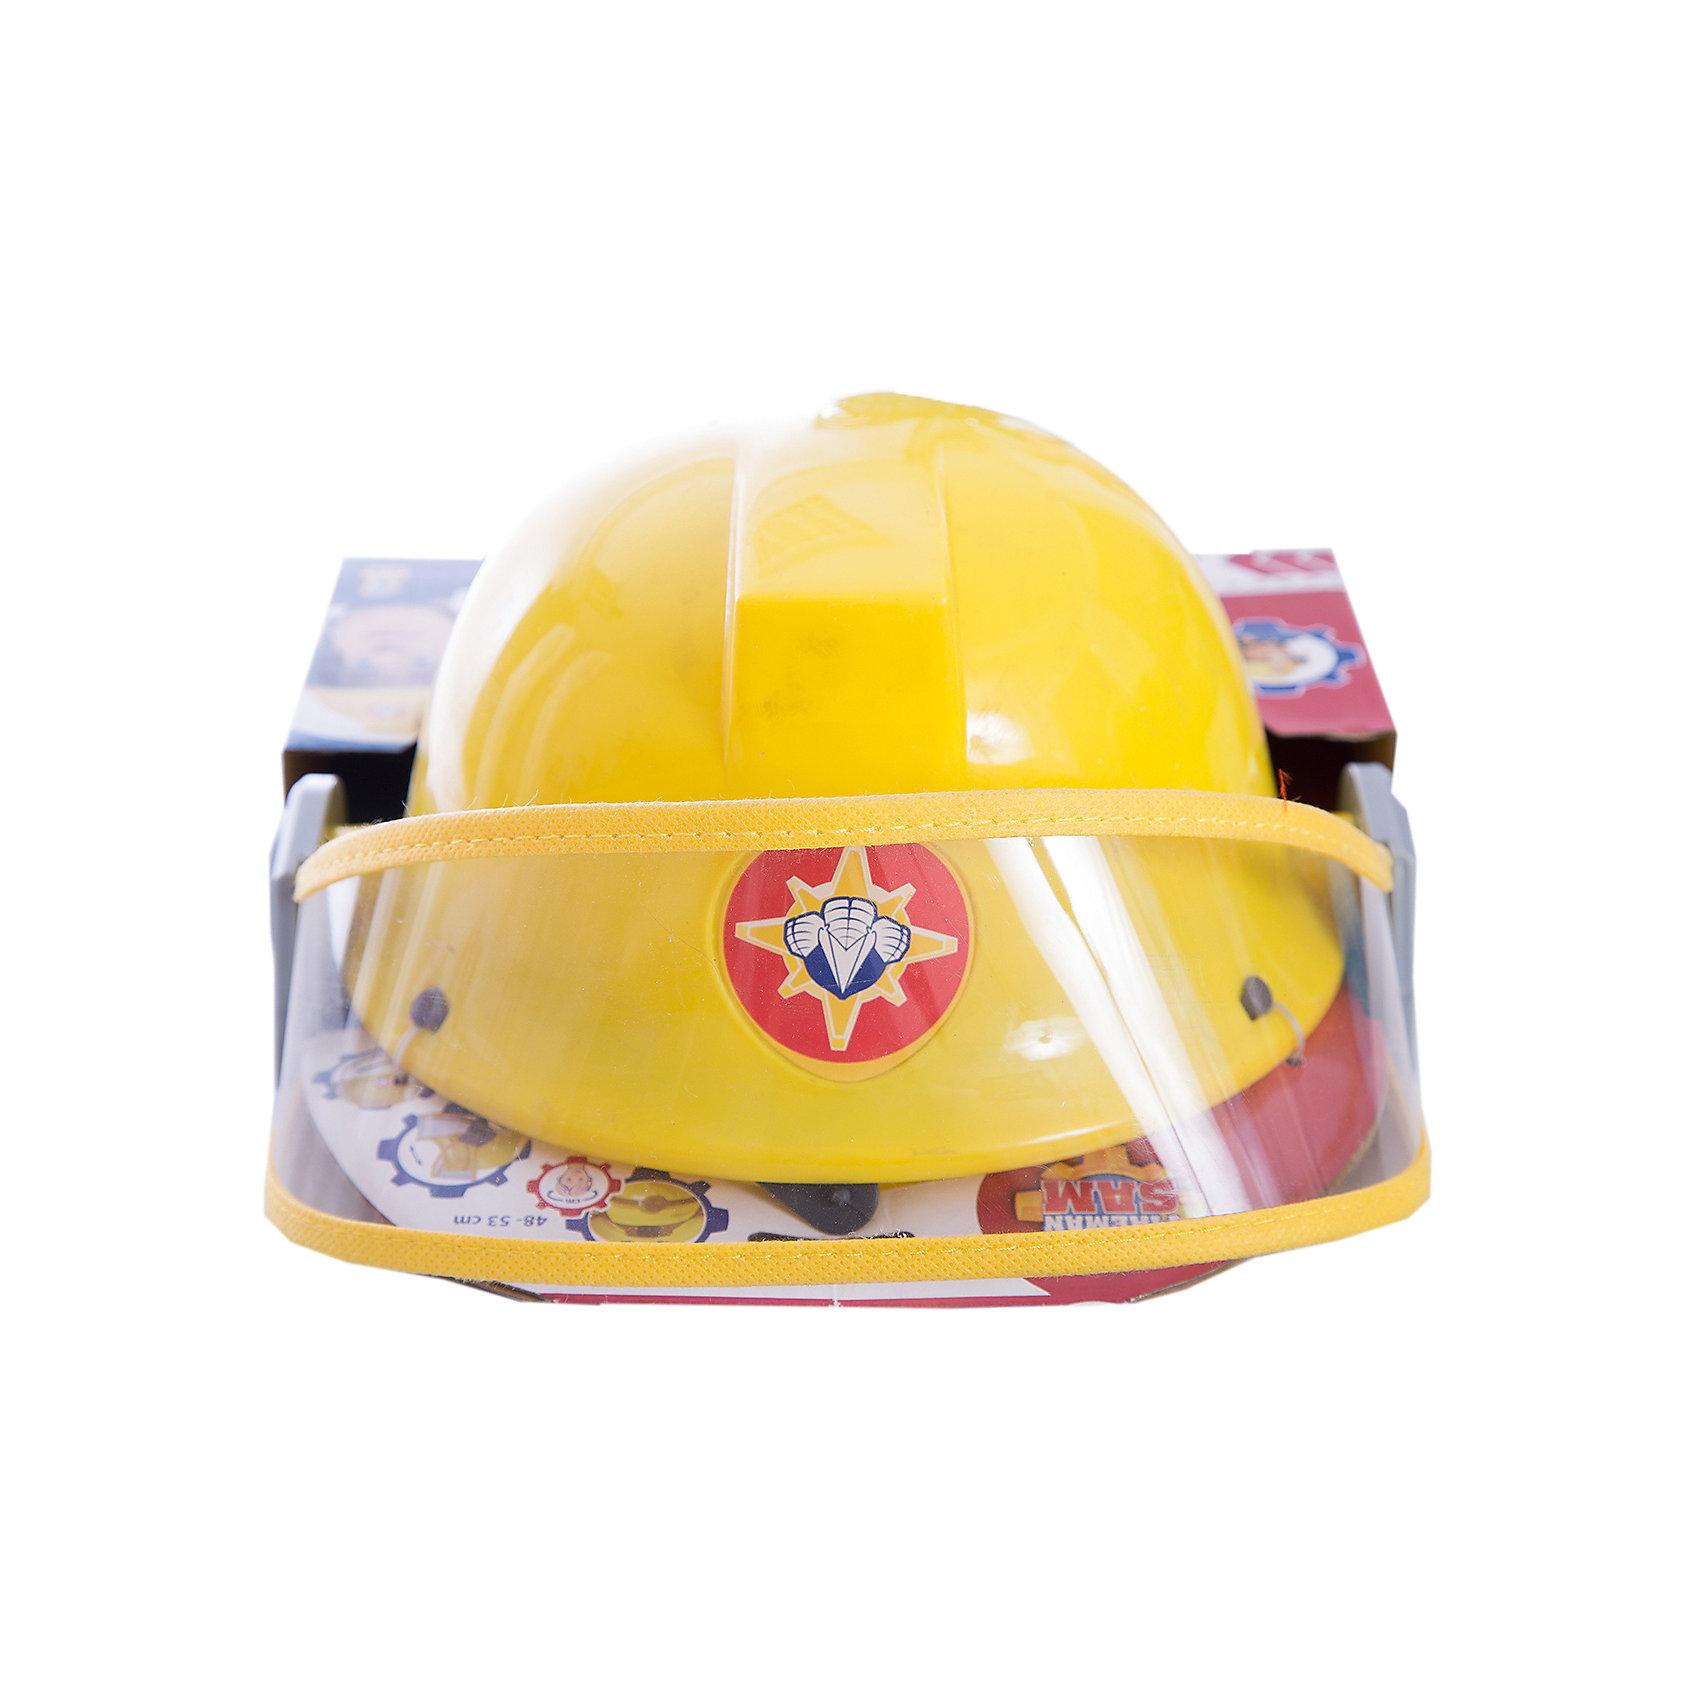 Каска Пожарный Сэм, диаметр 23 см, SimbaМастерская и инструменты<br>Каска Пожарный Сэм, диаметр 23 см, Simba (Симба)<br><br>Характеристики:<br><br>• фиксирующий ремешок<br>• защитное стекло<br>• вентиляционные отверстия<br>• диаметр каски: 23 см<br>• для окружности головы: 48-53 см<br>• материал: пластик, текстиль<br>• размер упаковки: 13х23,5х27,5 см<br><br>Каска Пожарный Сэм позволит ребенку почувствовать себя настоящим пожарником из любимого мультфильма. Каска выполнена из прочного пластика с фиксирующим ремешком из текстиля. Защитное стекло предотвратит повреждение глаз малыша. Вентиляционные отверстия в шлеме позволяют коже ребенка дышать во время игры. <br><br>Каску Пожарный Сэм, диаметр 23 см, Simba (Симба) вы можете купить в нашем интернет-магазине.<br><br>Ширина мм: 240<br>Глубина мм: 260<br>Высота мм: 200<br>Вес г: 200<br>Возраст от месяцев: 36<br>Возраст до месяцев: 84<br>Пол: Мужской<br>Возраст: Детский<br>SKU: 5506952